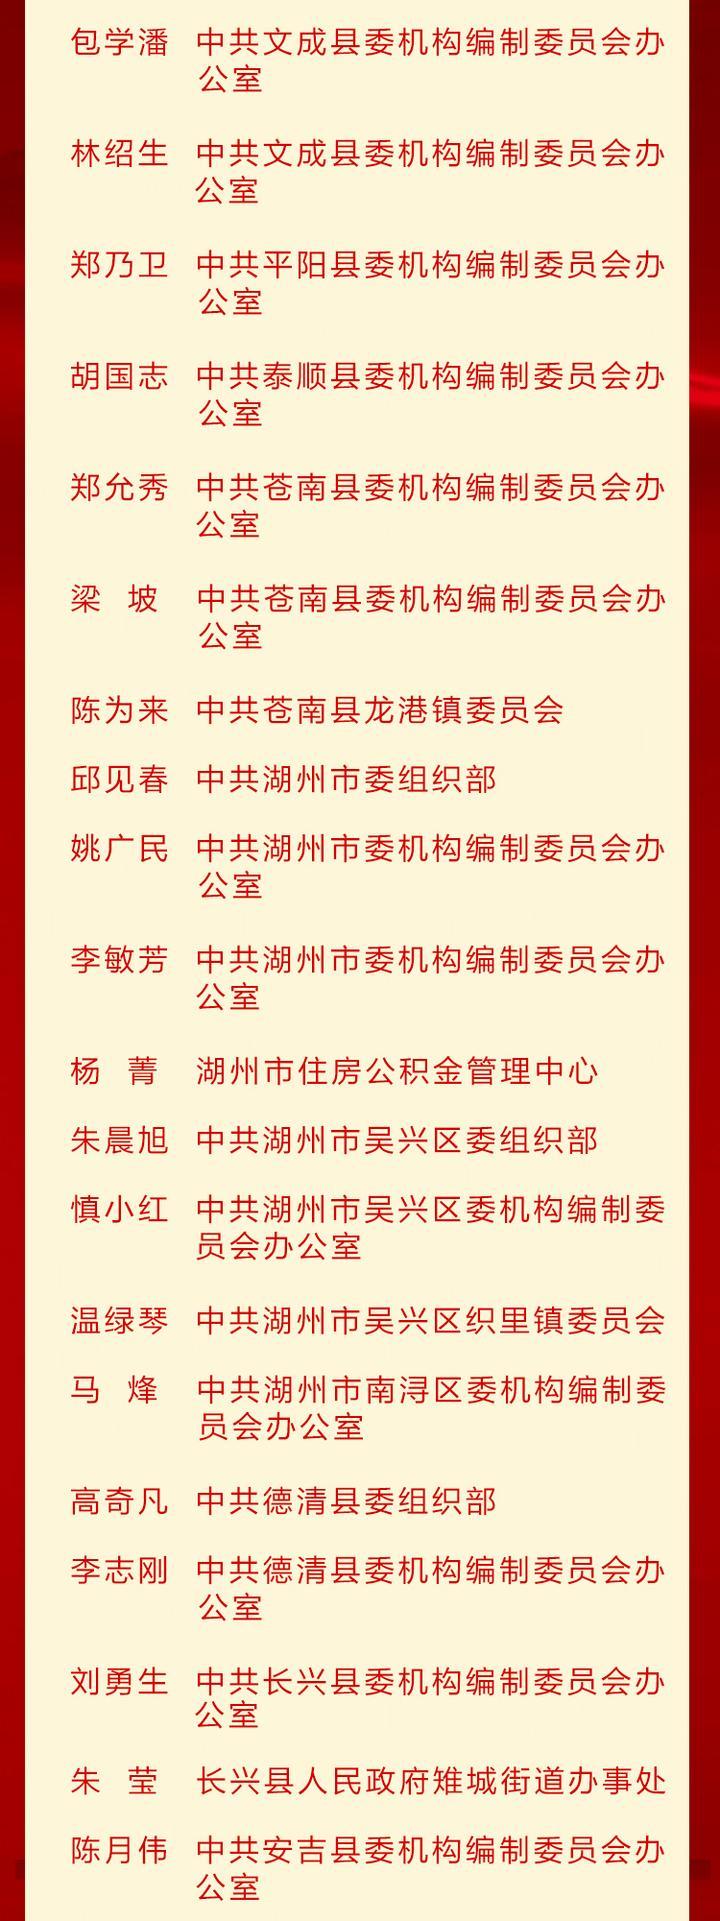 名单zhongji改改改改_04.jpg